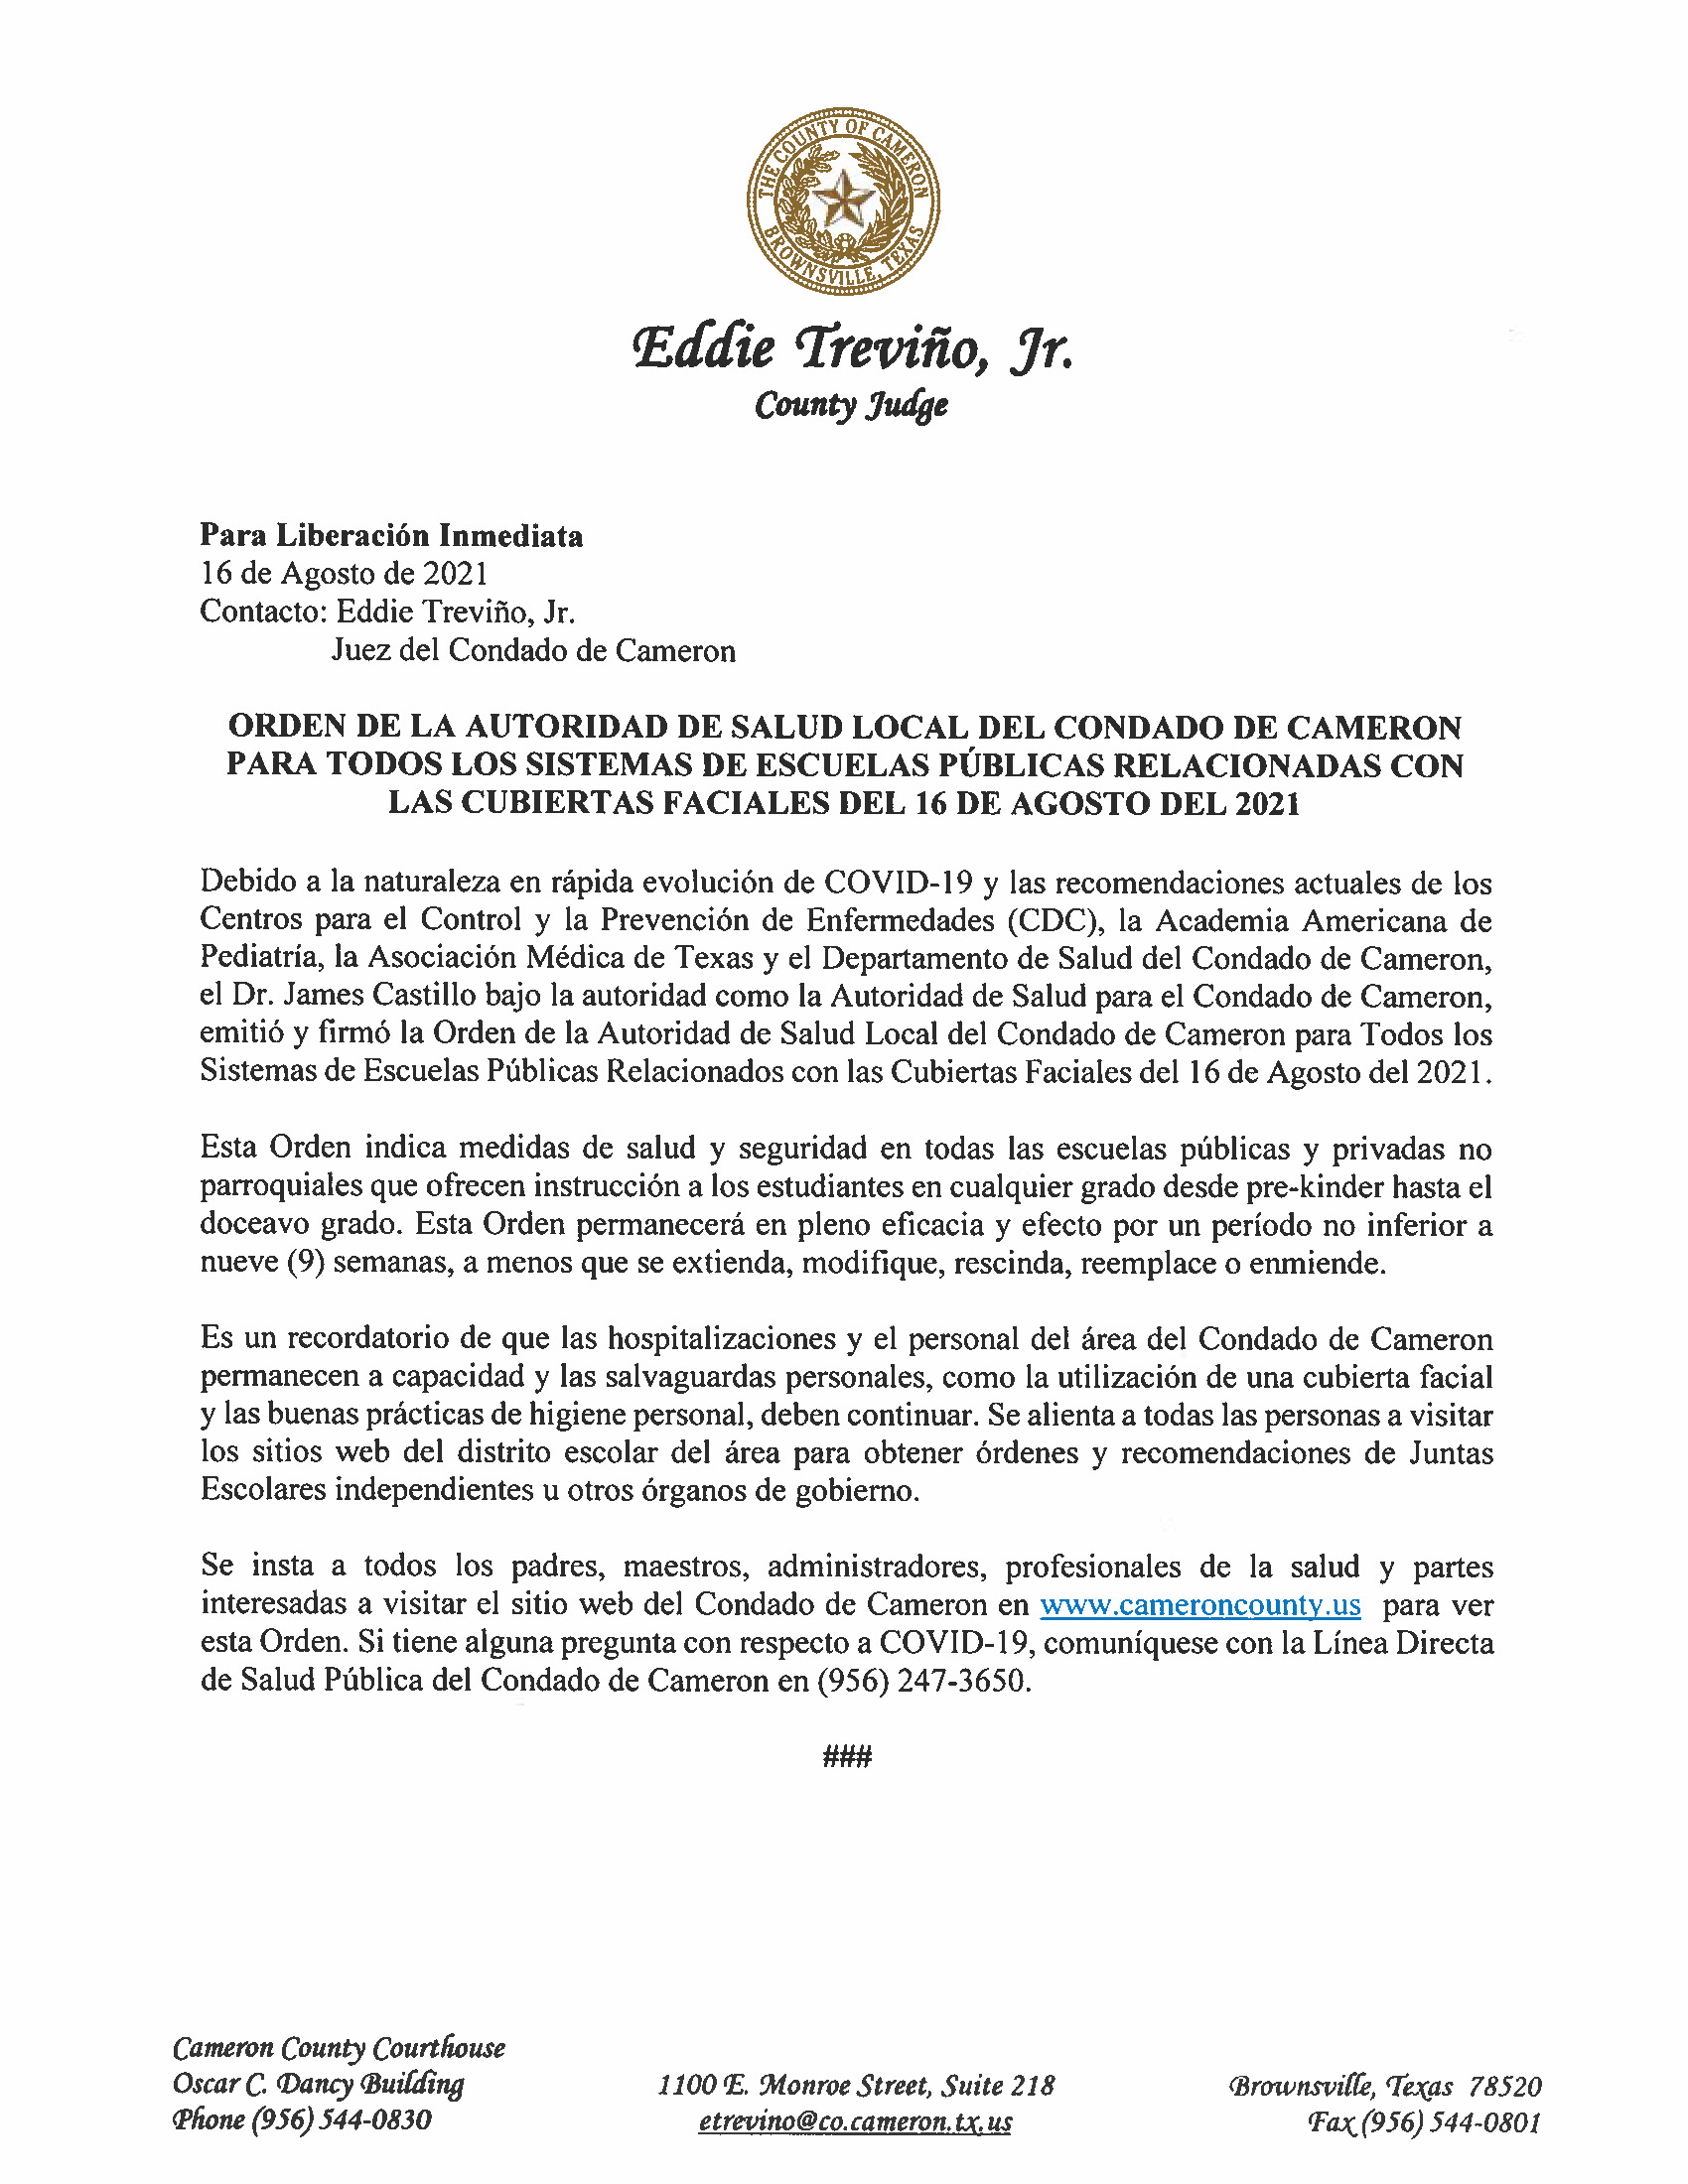 8.16.21 Orden De La Autoridad Salud Local